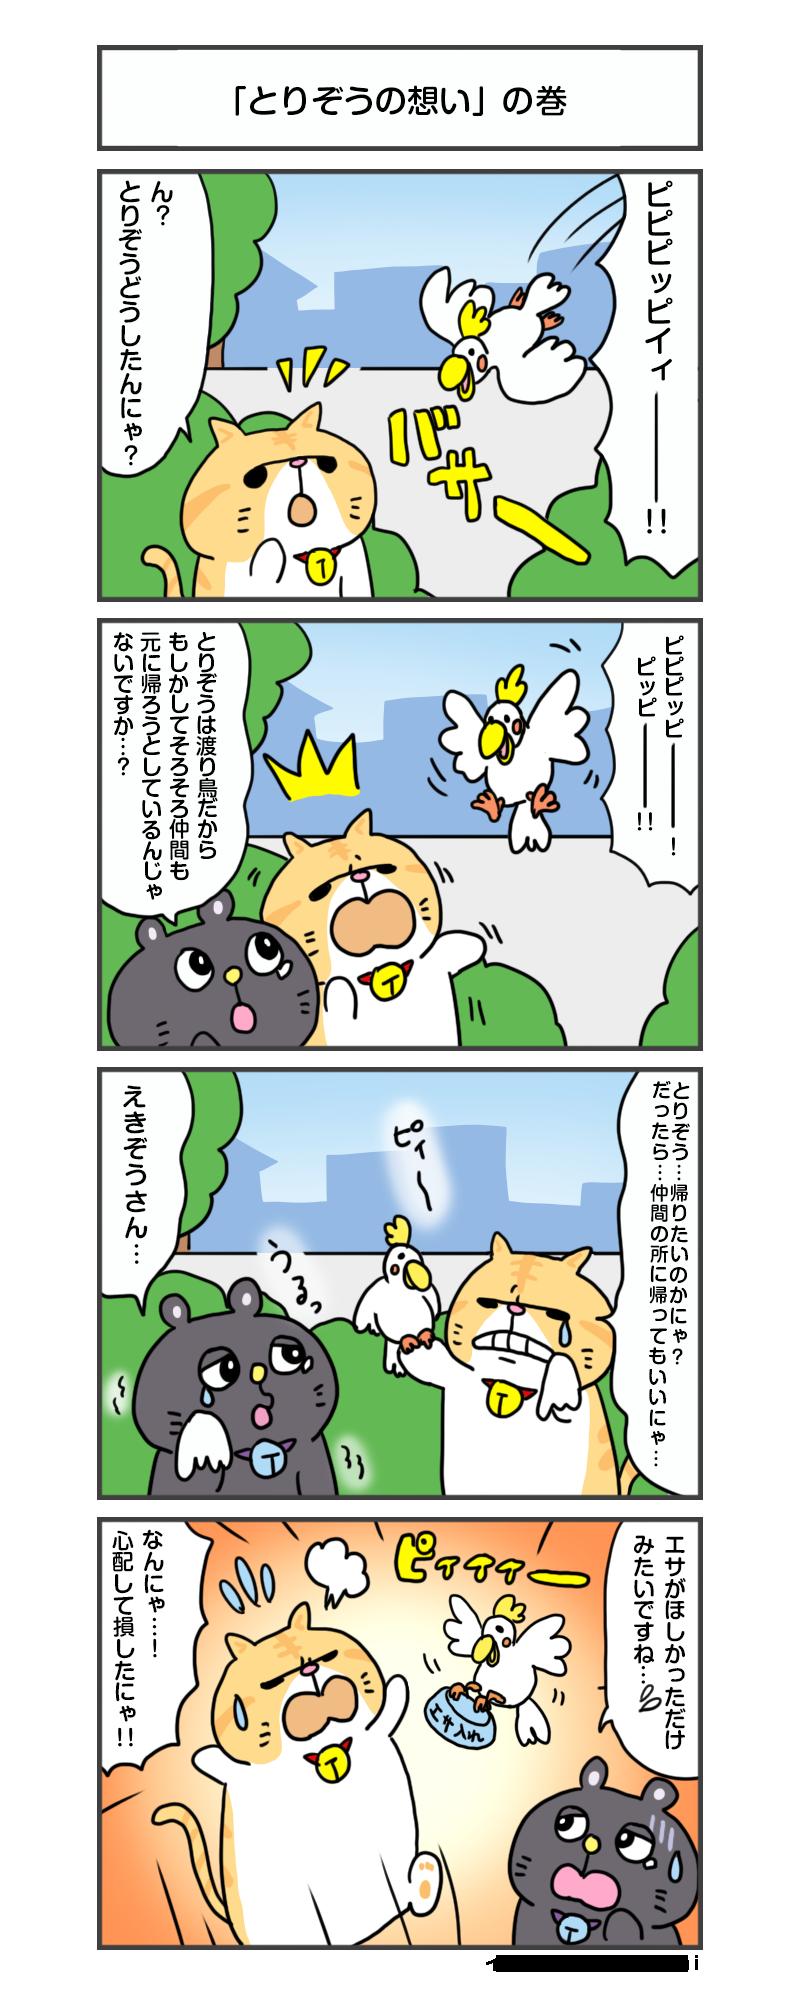 縺医″縺昴y縺・anga_vol.134